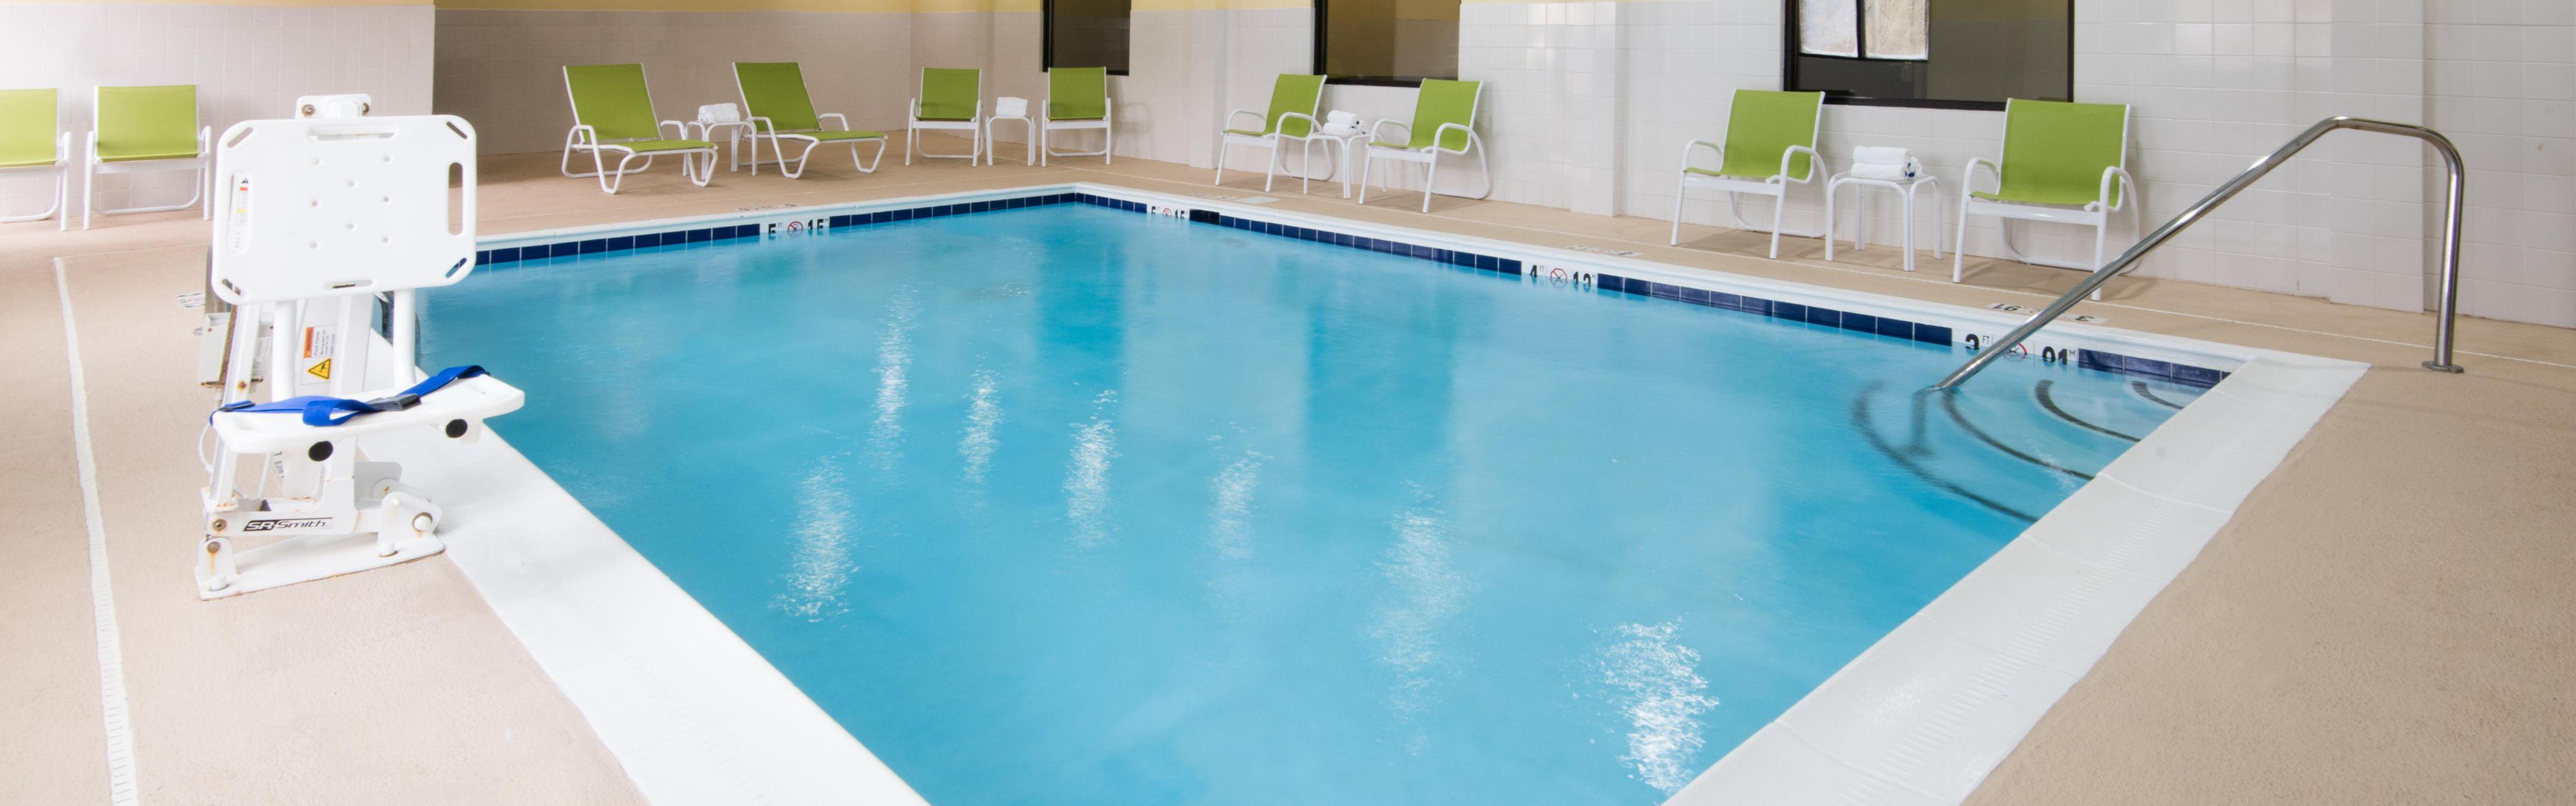 Holiday Inn Express & Suites Ashland image 2